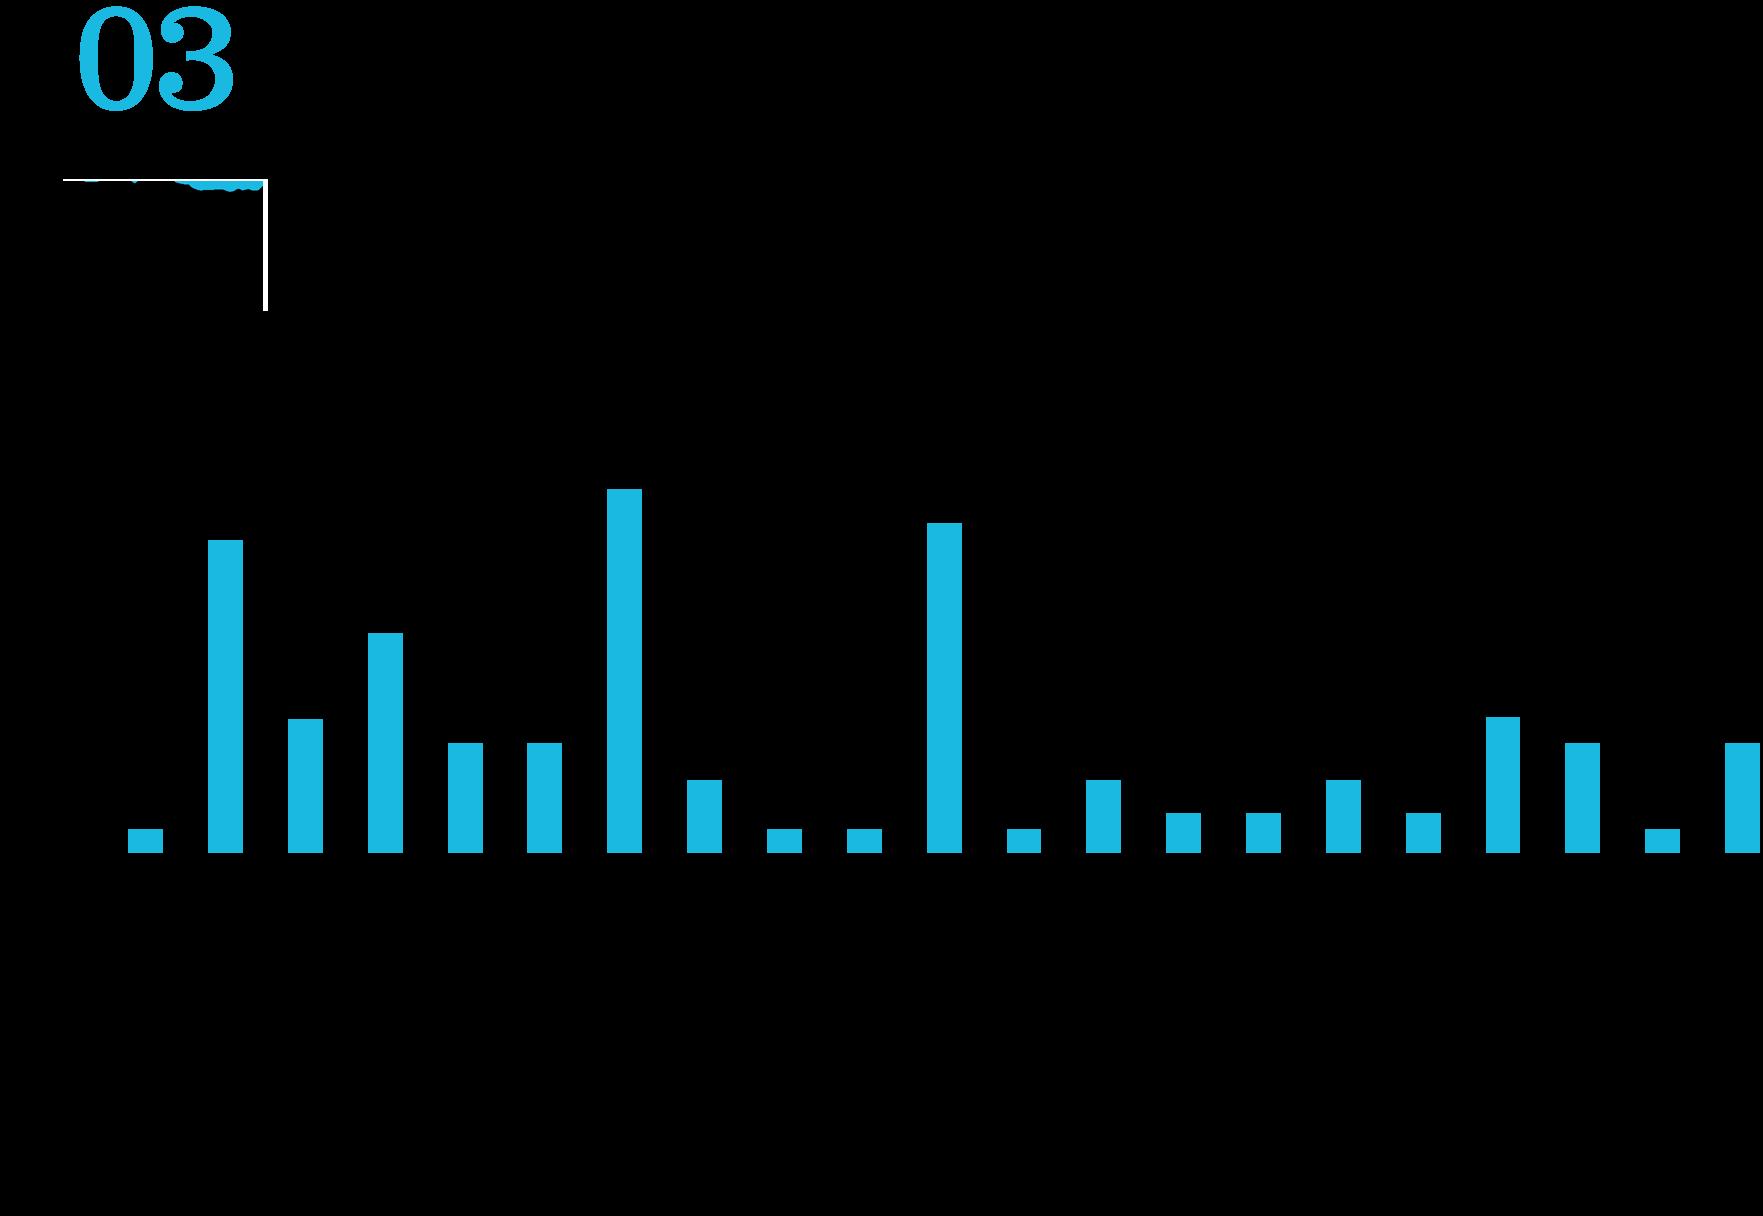 前職業界 Slerはもちろん、金融業界から転職する方も。通信インフラ SIer WEBサービス コンサルティング・シンクタンク 税理士法人・監査法人 総合電機メーカー 製造メーカー 自動車メーカー 食品 印刷 金融 商社 流通・小売 物流 アパレル エネルギー 鉄道 マスコミ・クリエイティブ マーケティング 警備 その他サービス